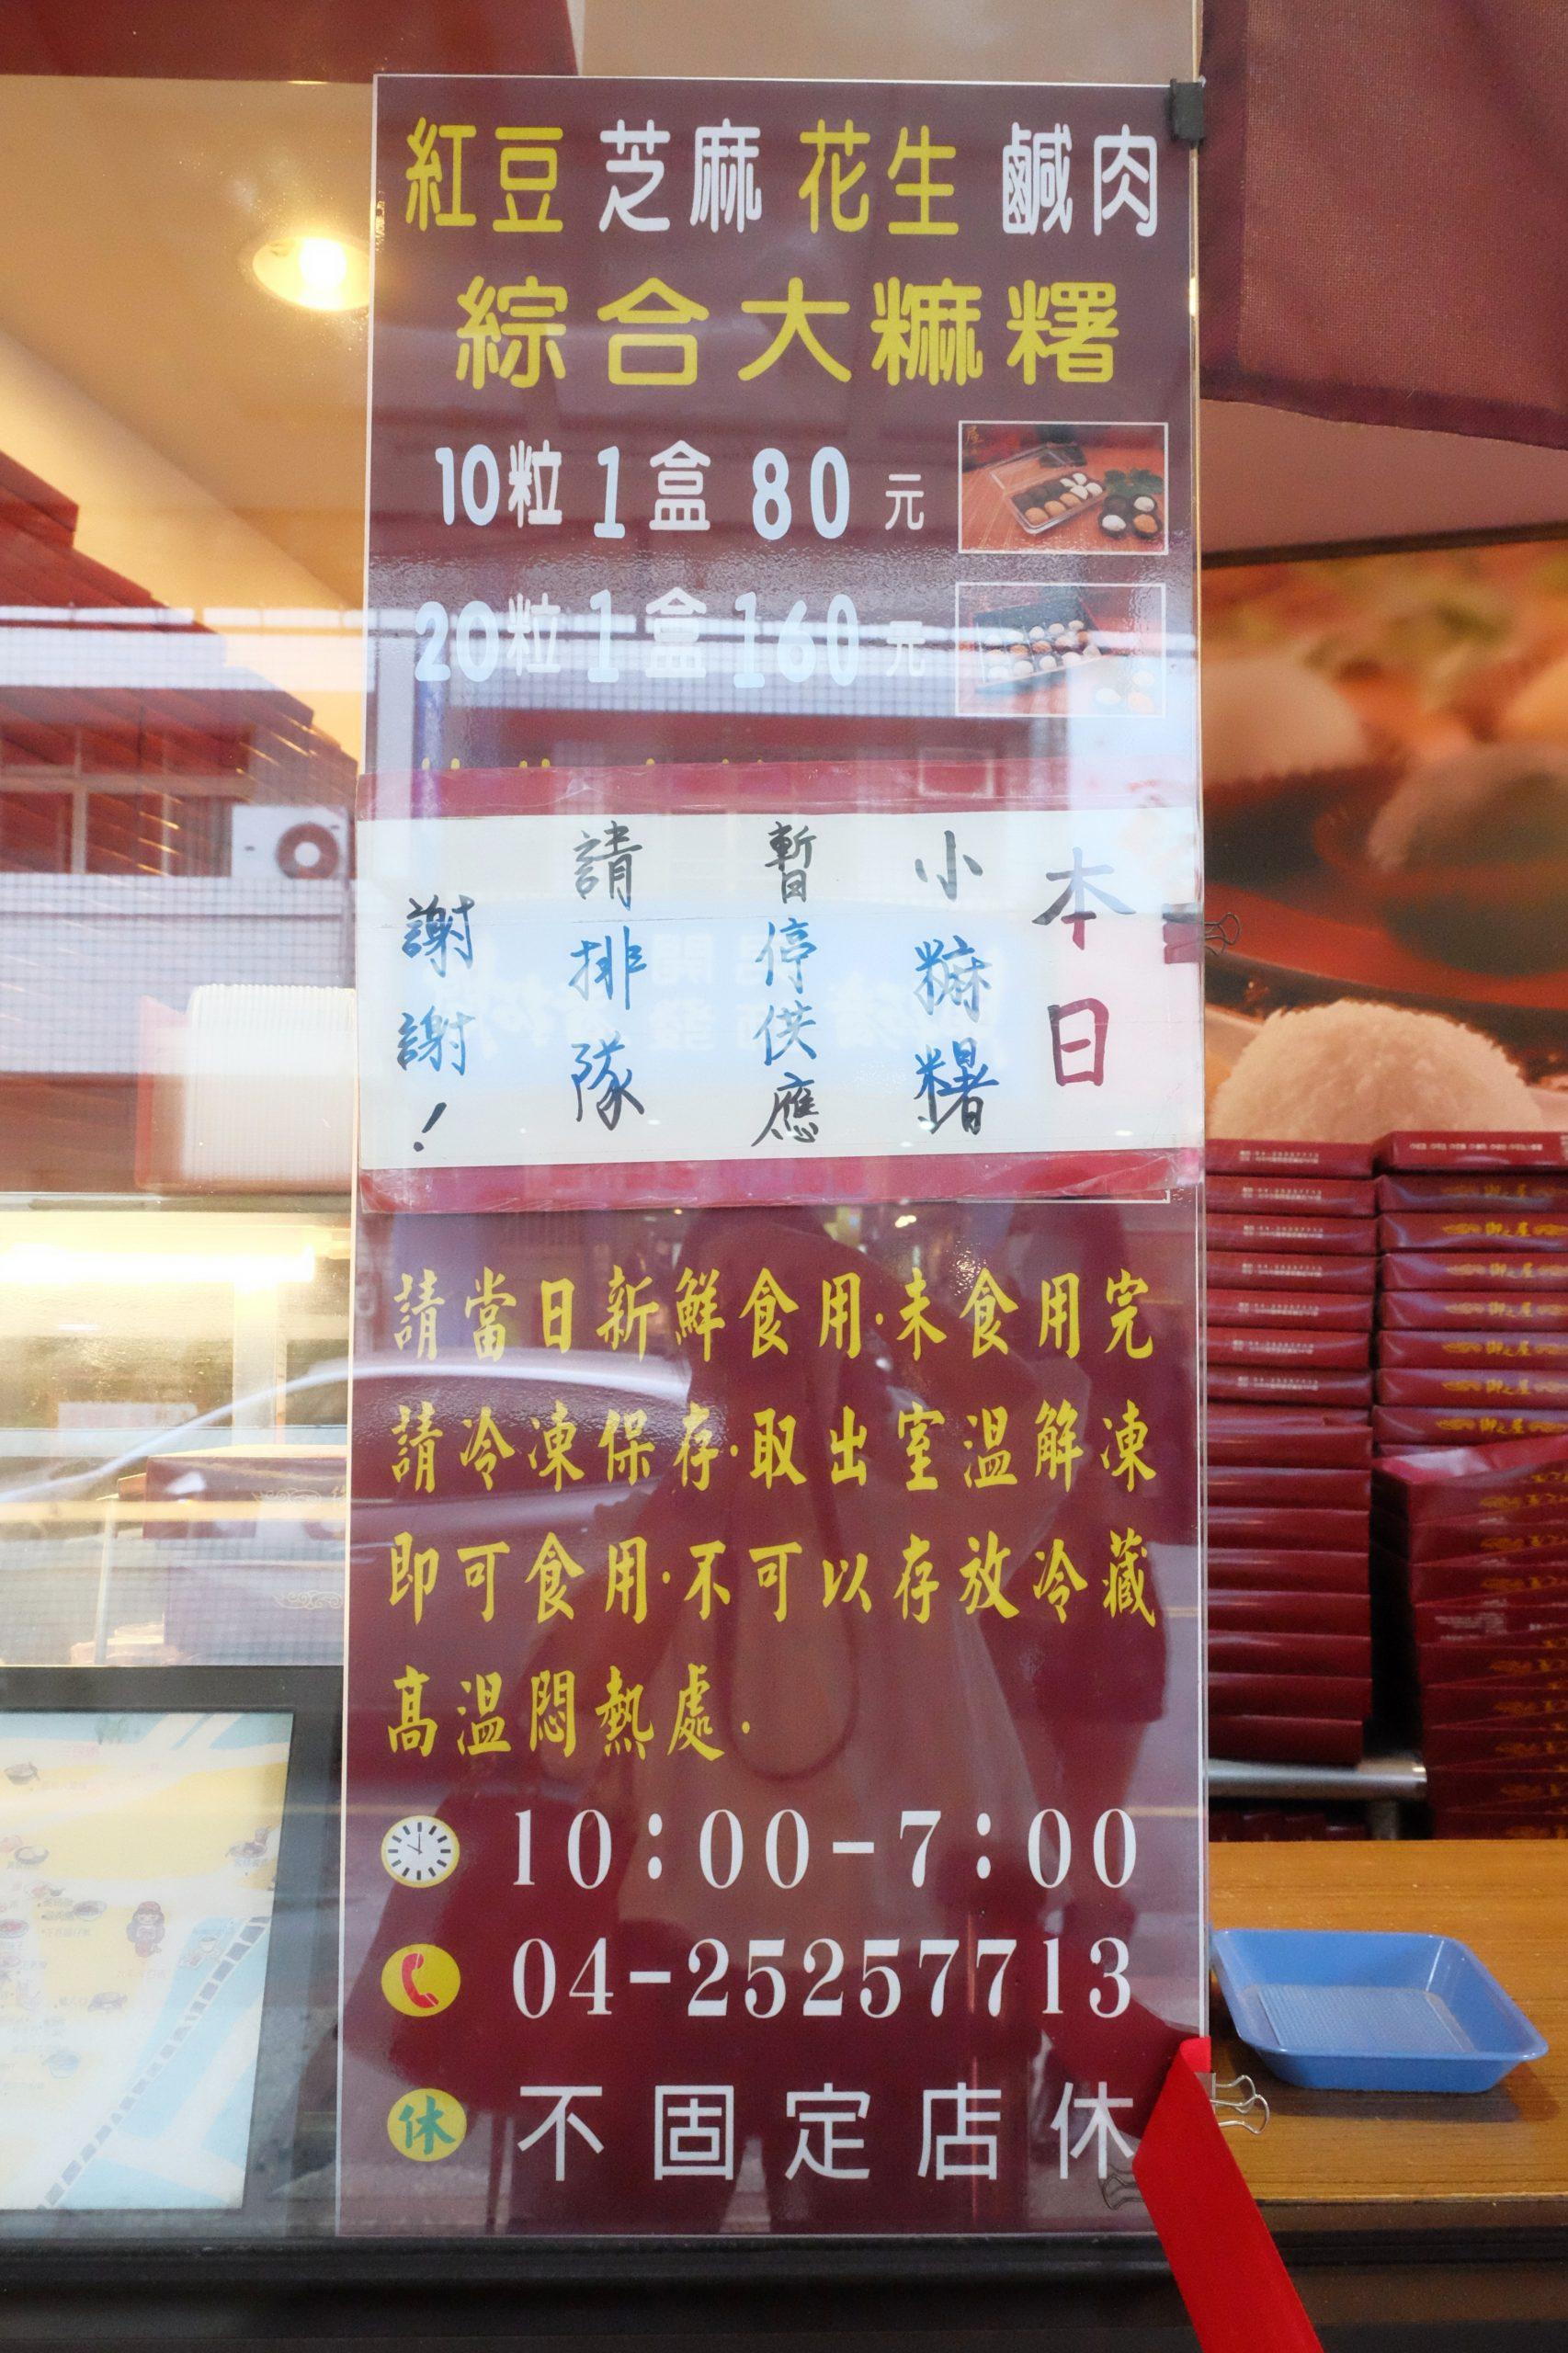 豐原伴手禮!御之屋麻糬:在地近20年的老店,從廟東前的小發財車到實體店面經營,軟Q的口感,簡單的美味 @飛天璇的口袋